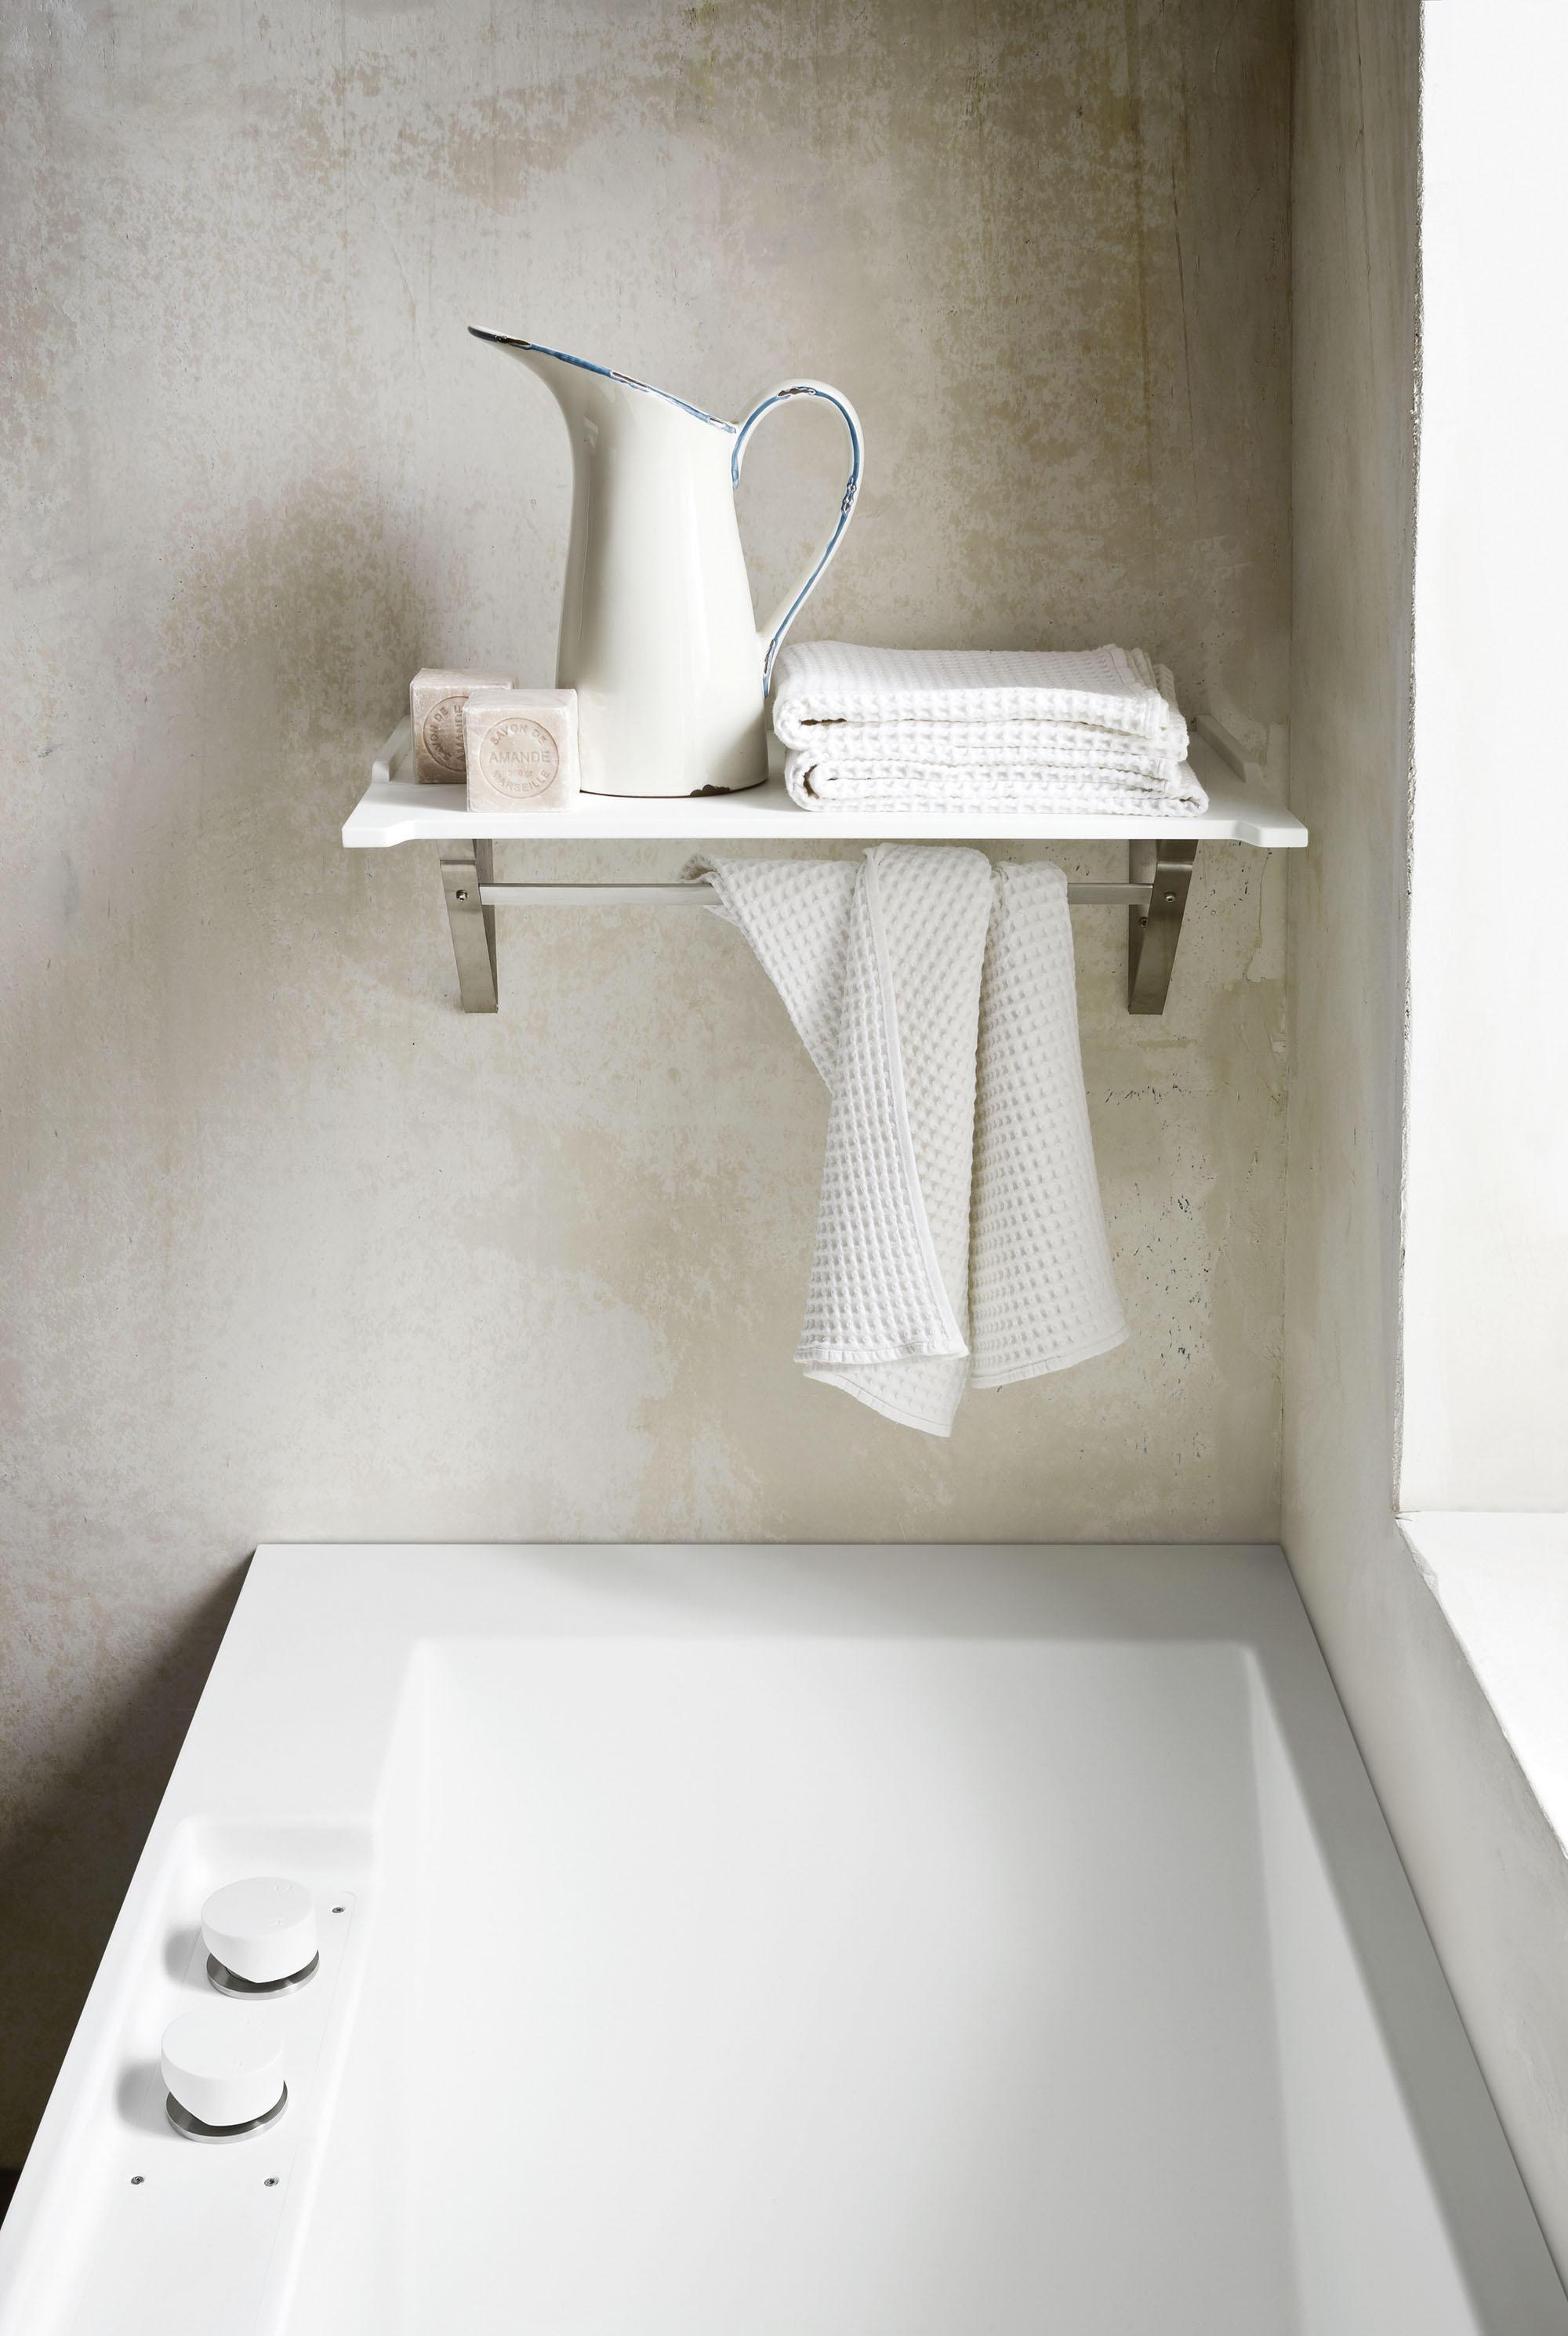 Mensola da bagno : mensola da bagno. mensole da bagno in acciaio ...